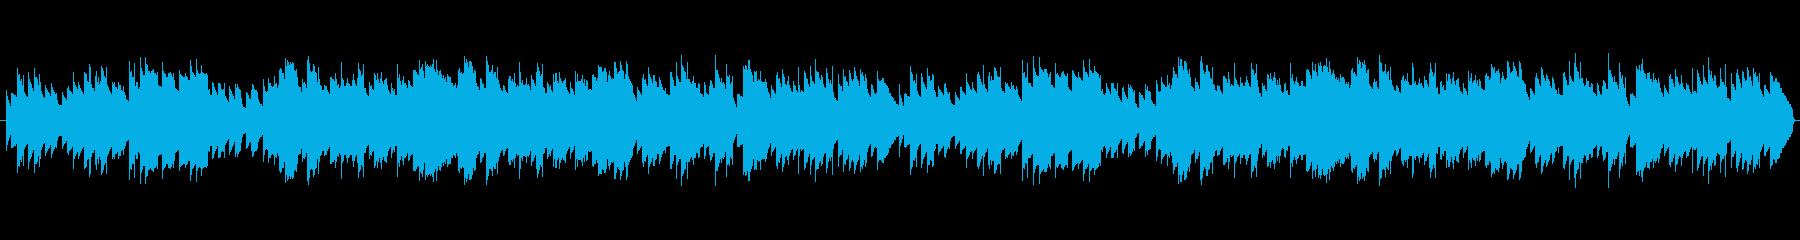 穏やかな雰囲気のエレピ曲の再生済みの波形